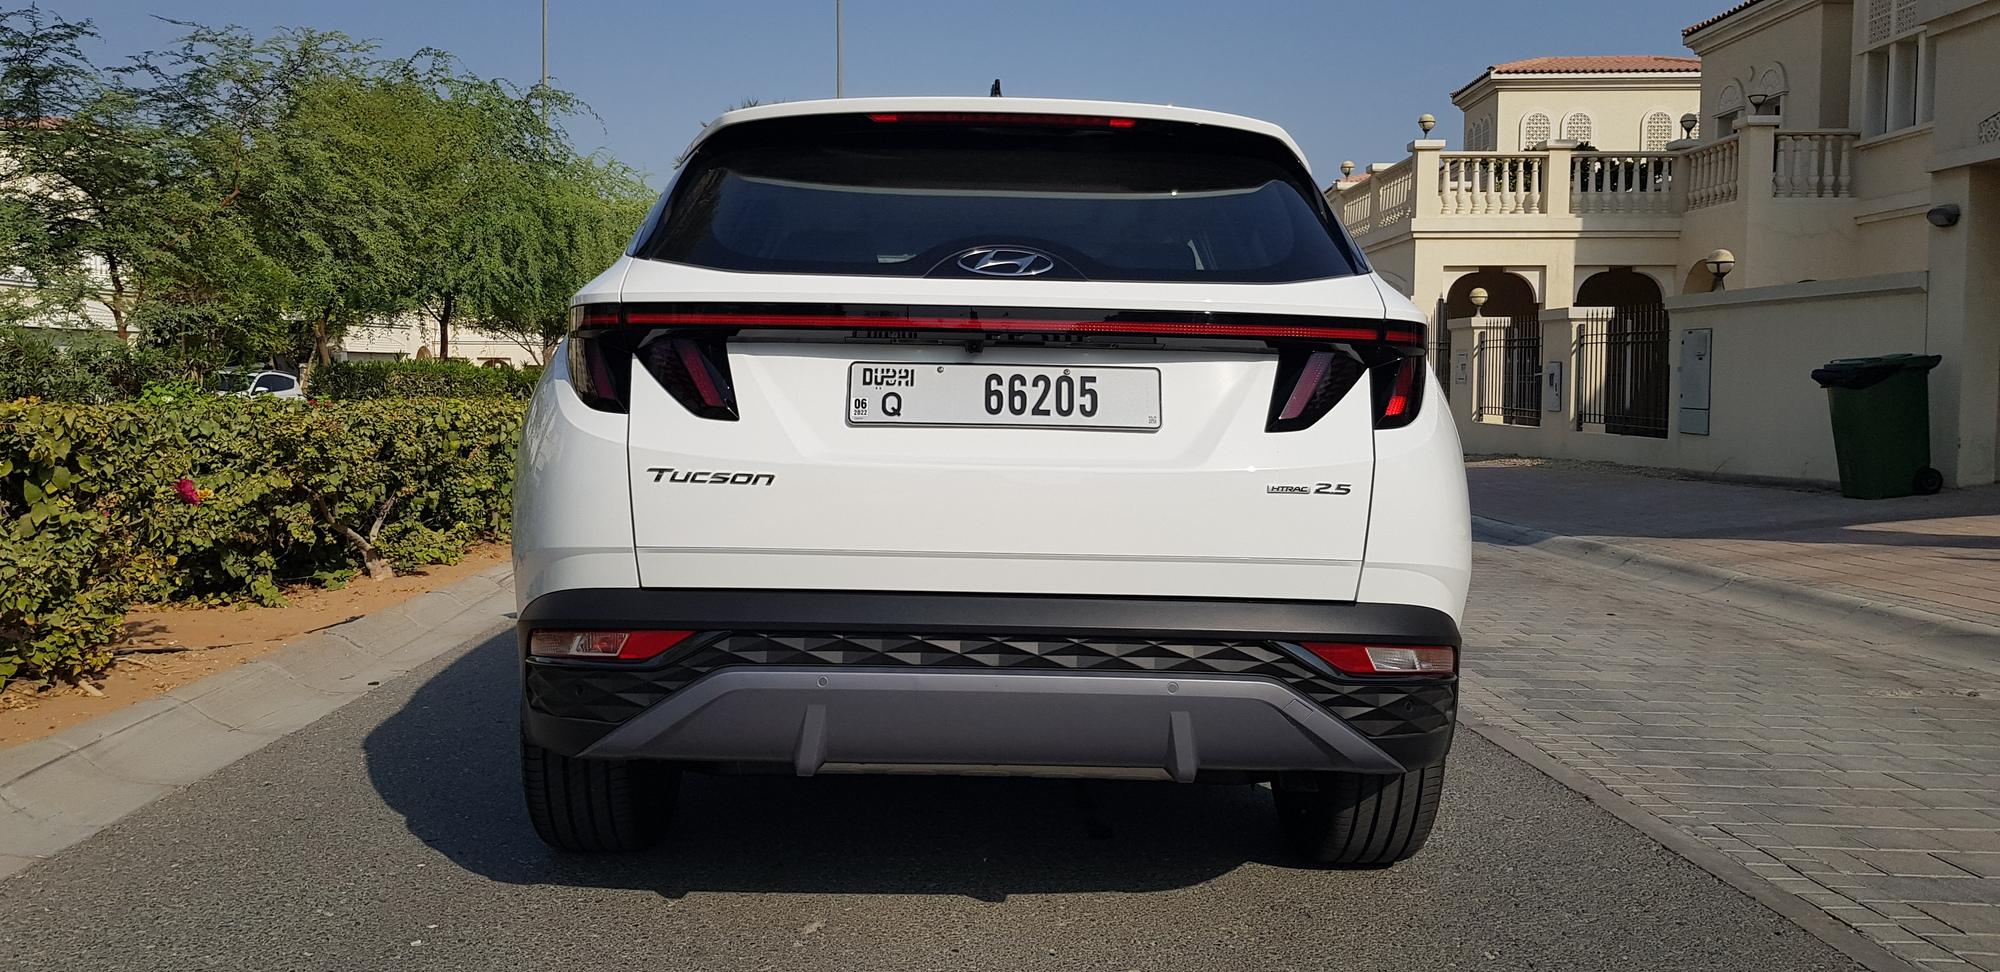 بالفيديو والصور: تعرفوا على مزايا سيارة هيونداي توسان بتصميمها الرائع لعام 2022